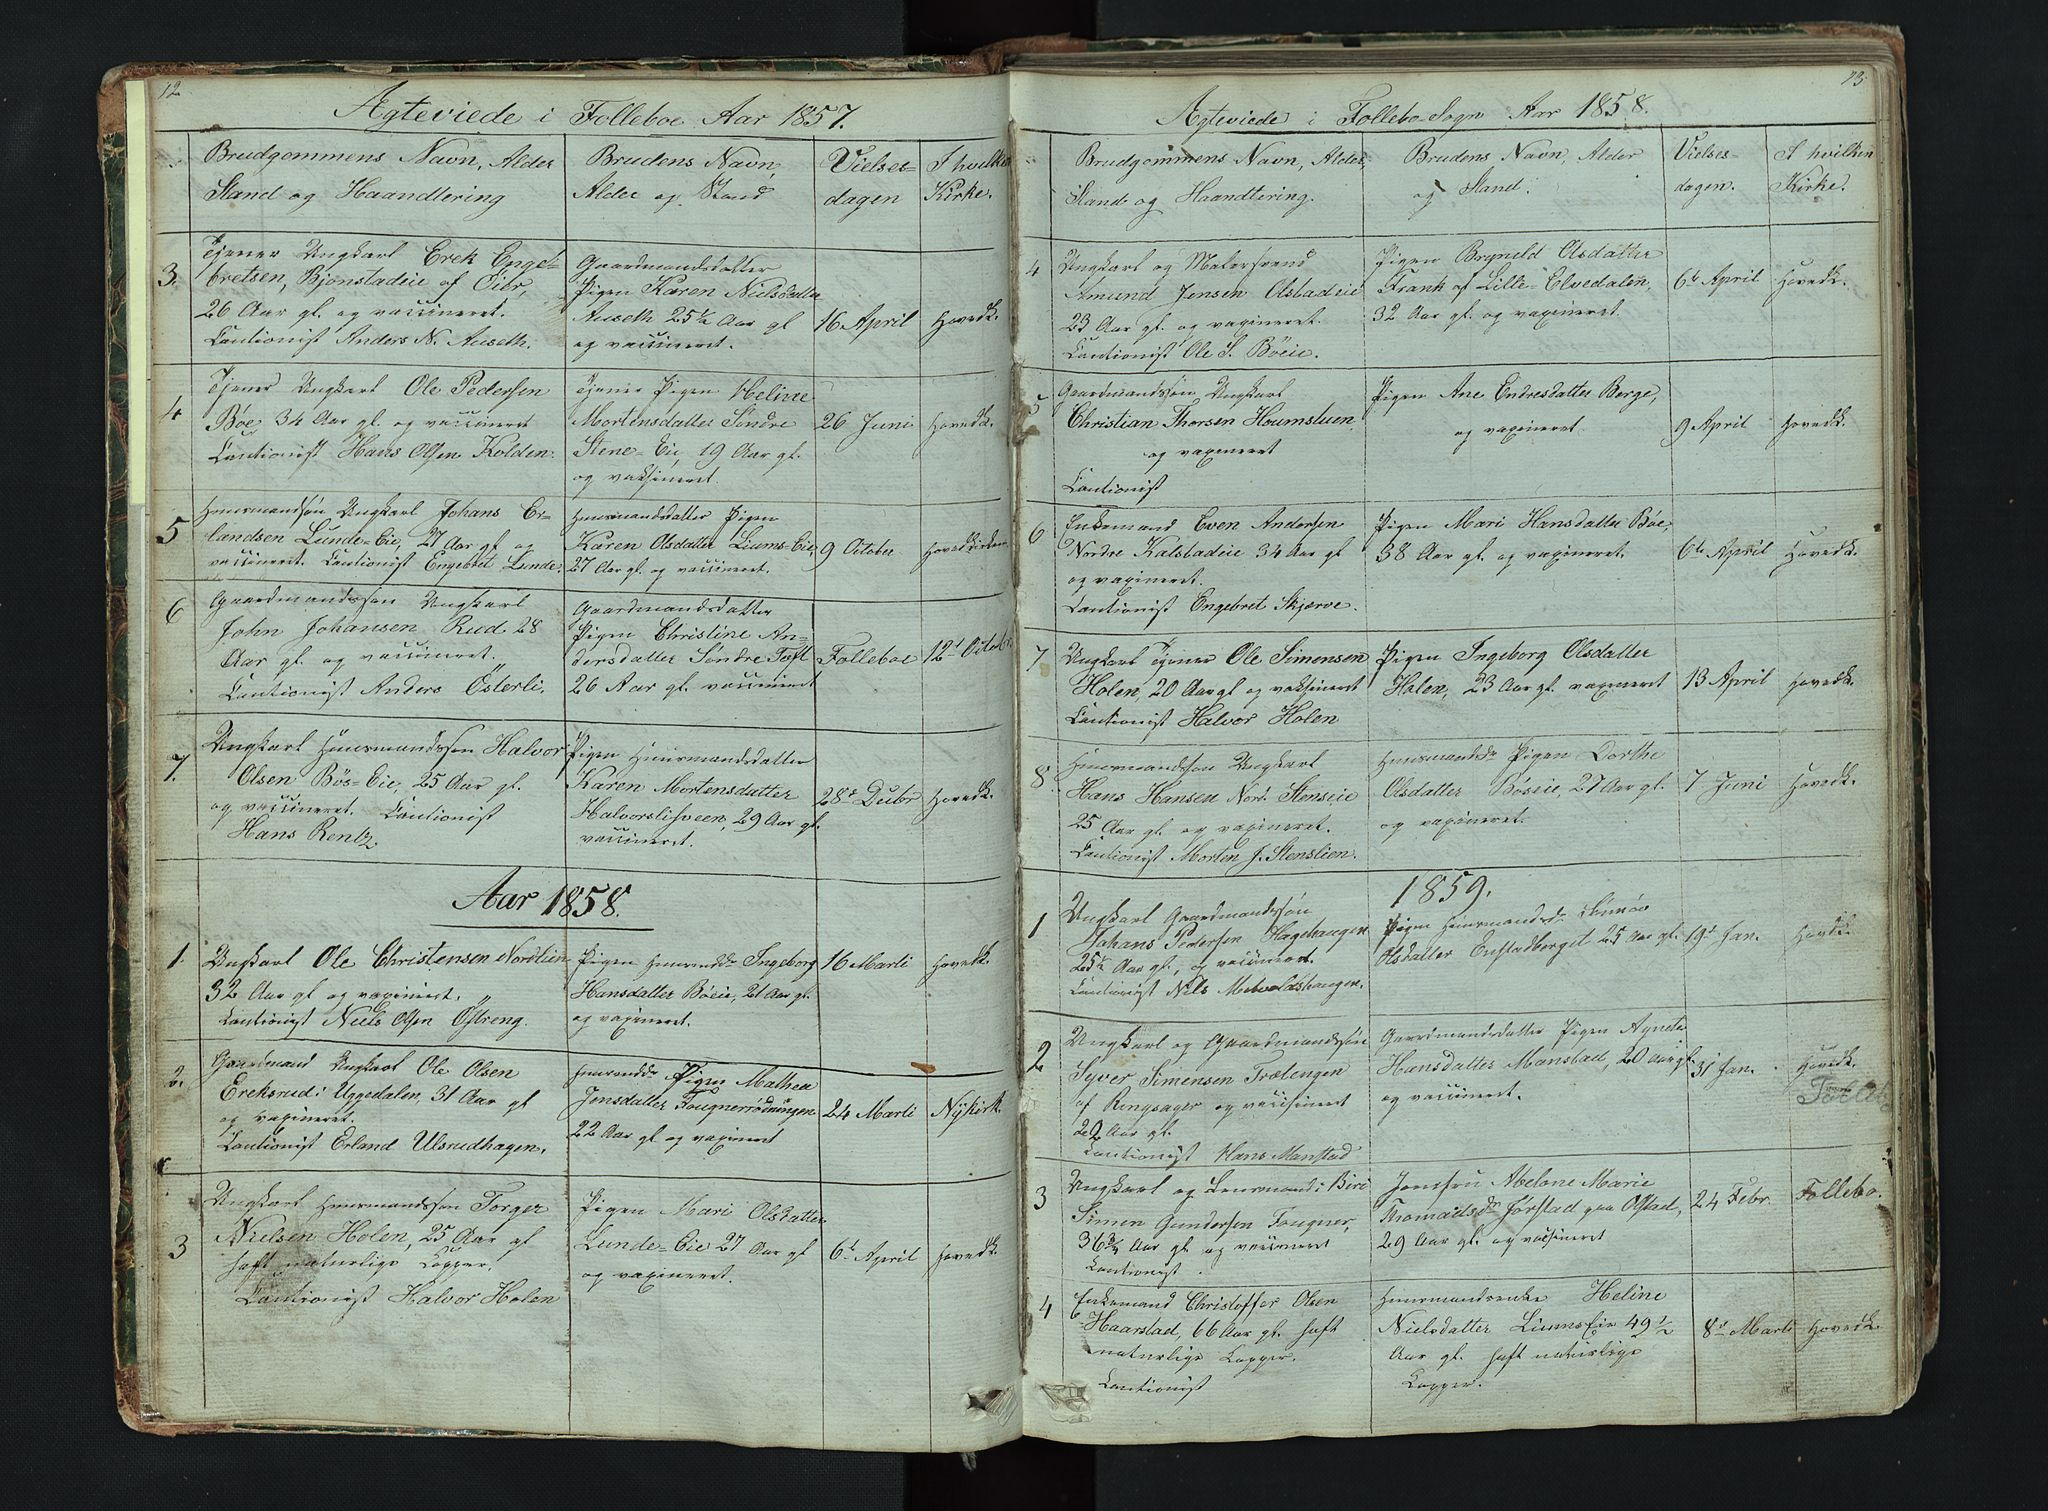 SAH, Gausdal prestekontor, Klokkerbok nr. 6, 1846-1893, s. 12-13